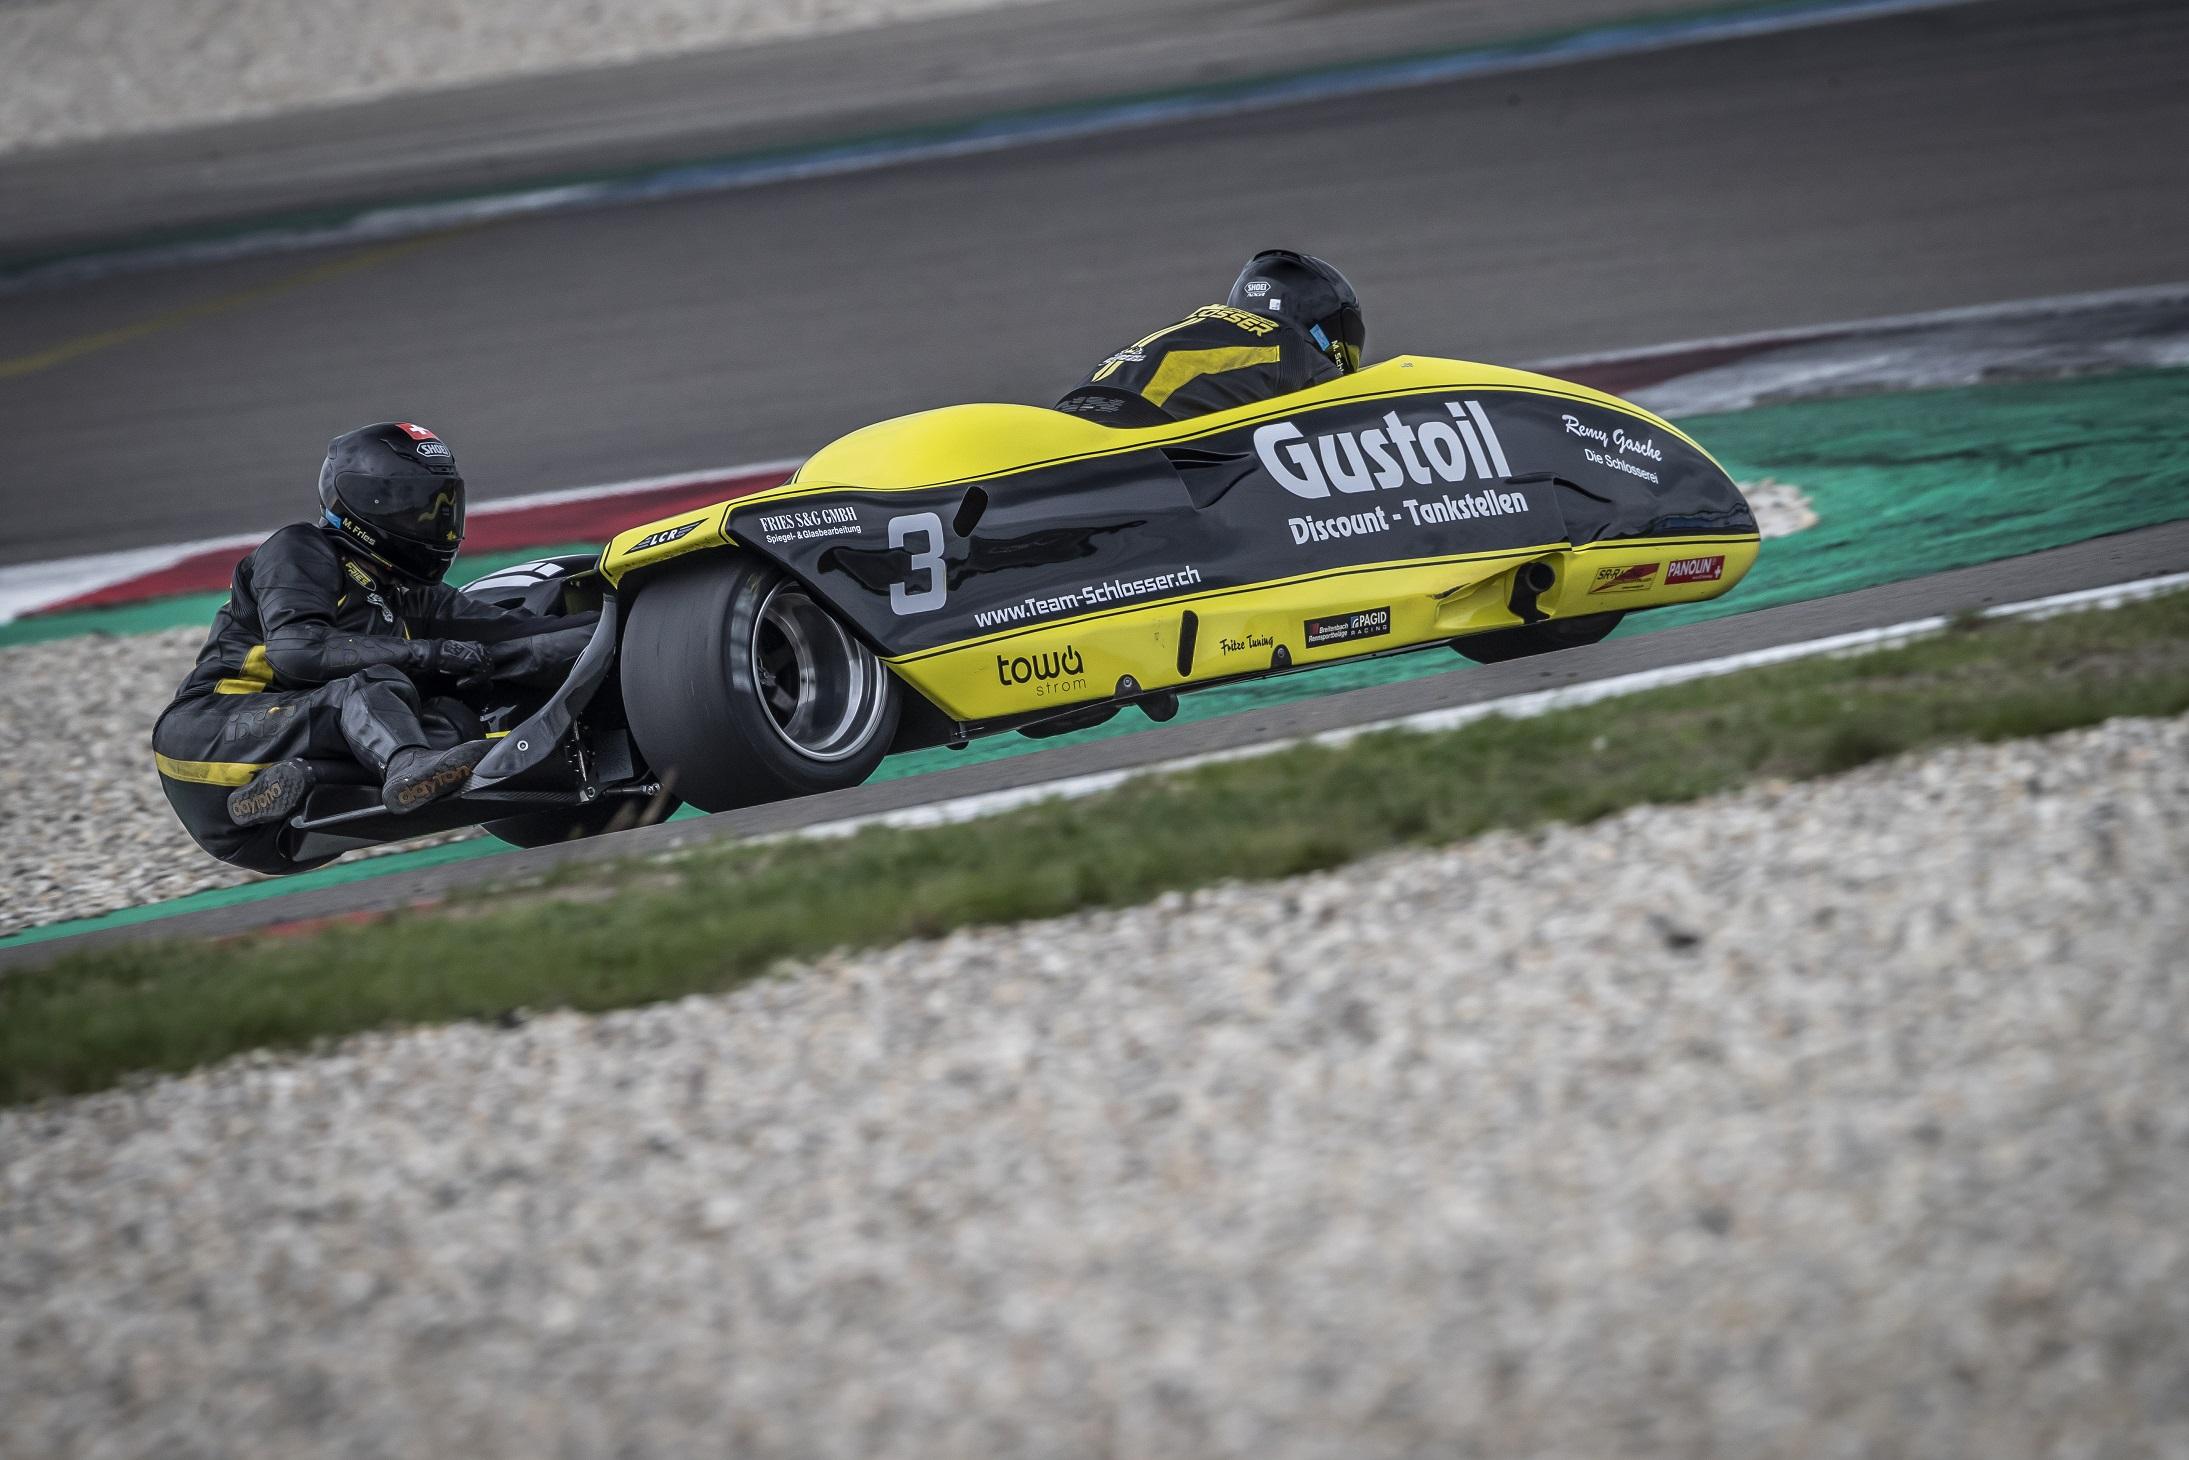 IDM Sidecar: Die 600 ccm-Gespanne geben im ersten Qualifying das Tempo vor